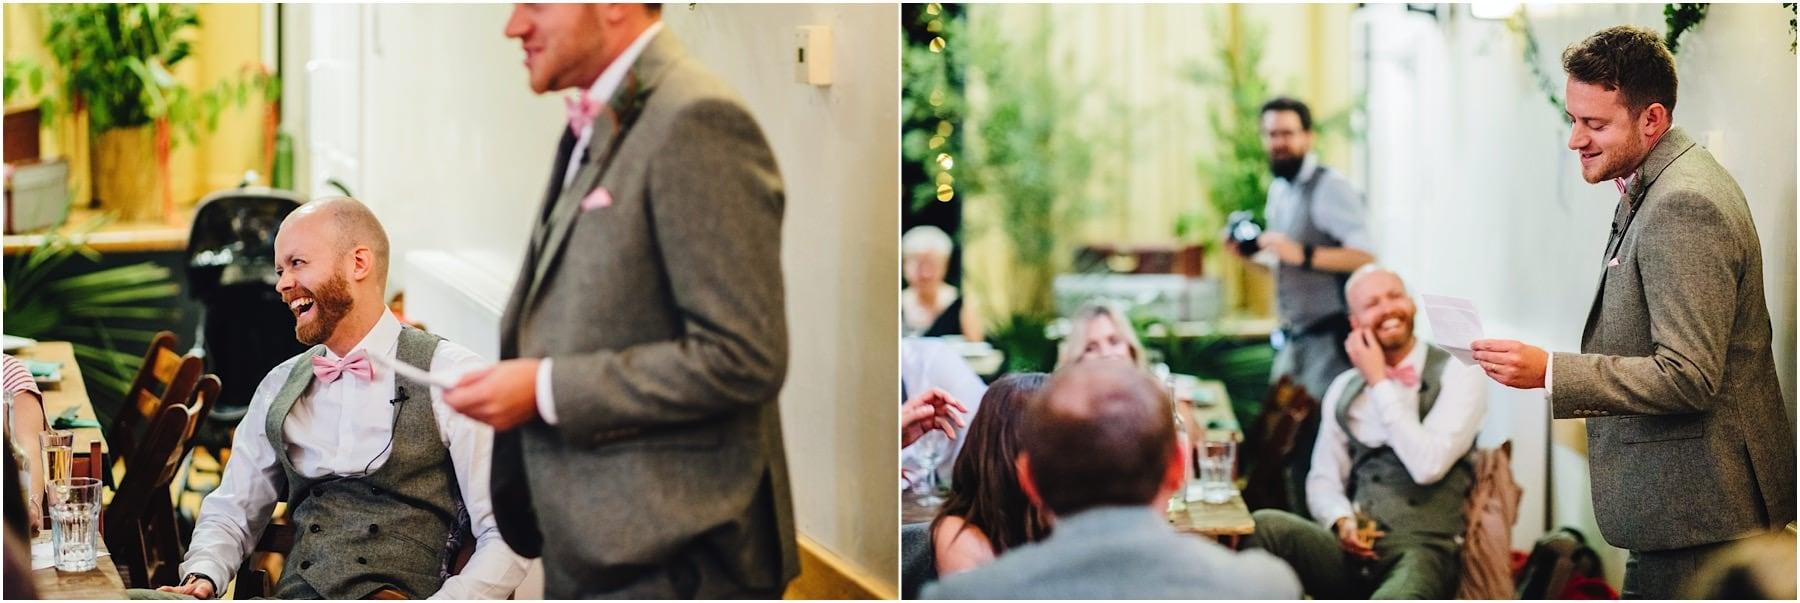 best man gives his wedding speech